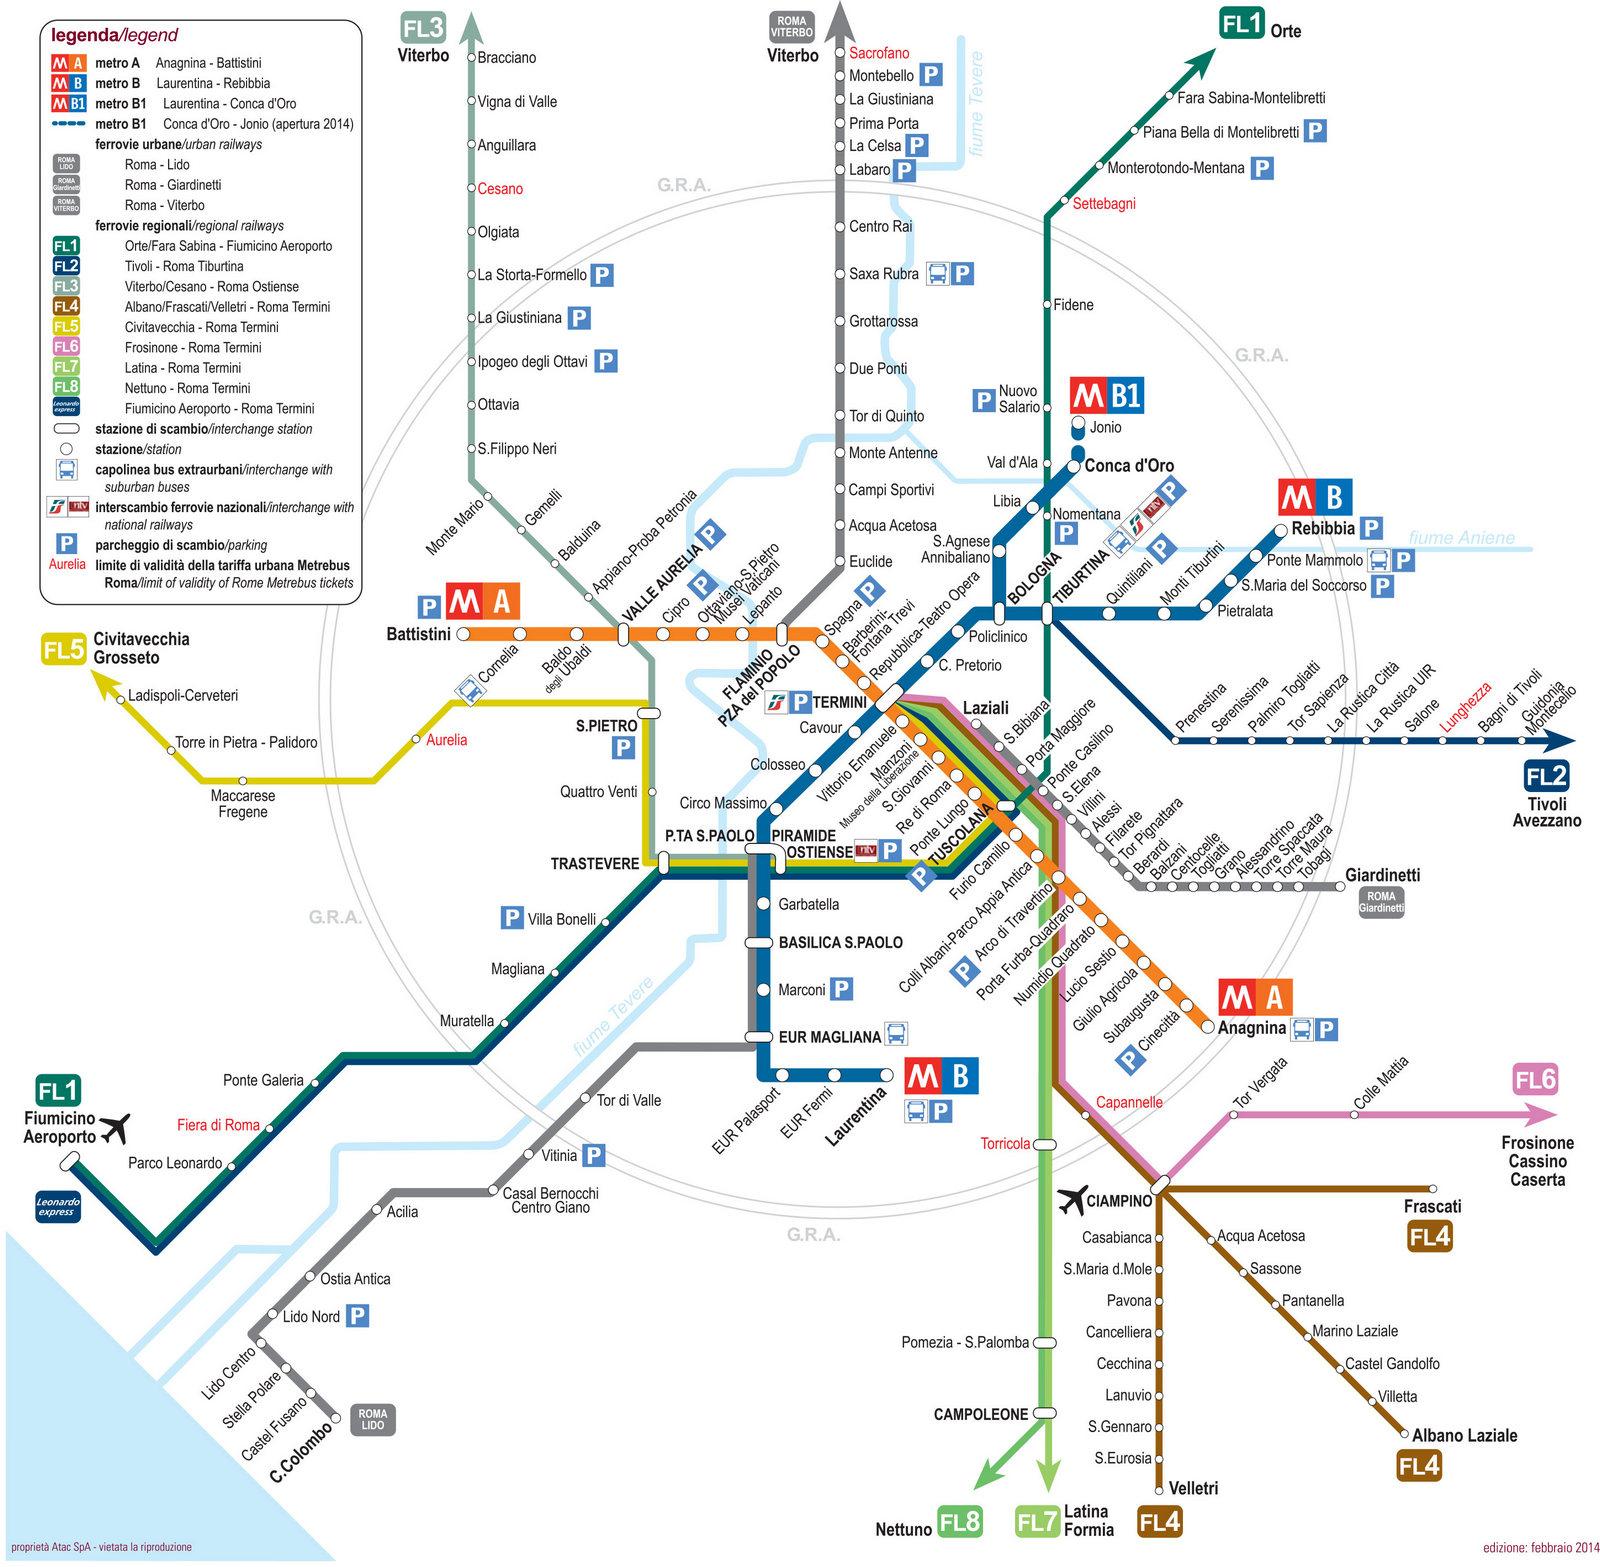 Map of Rome subway, tube & underground ATAC network